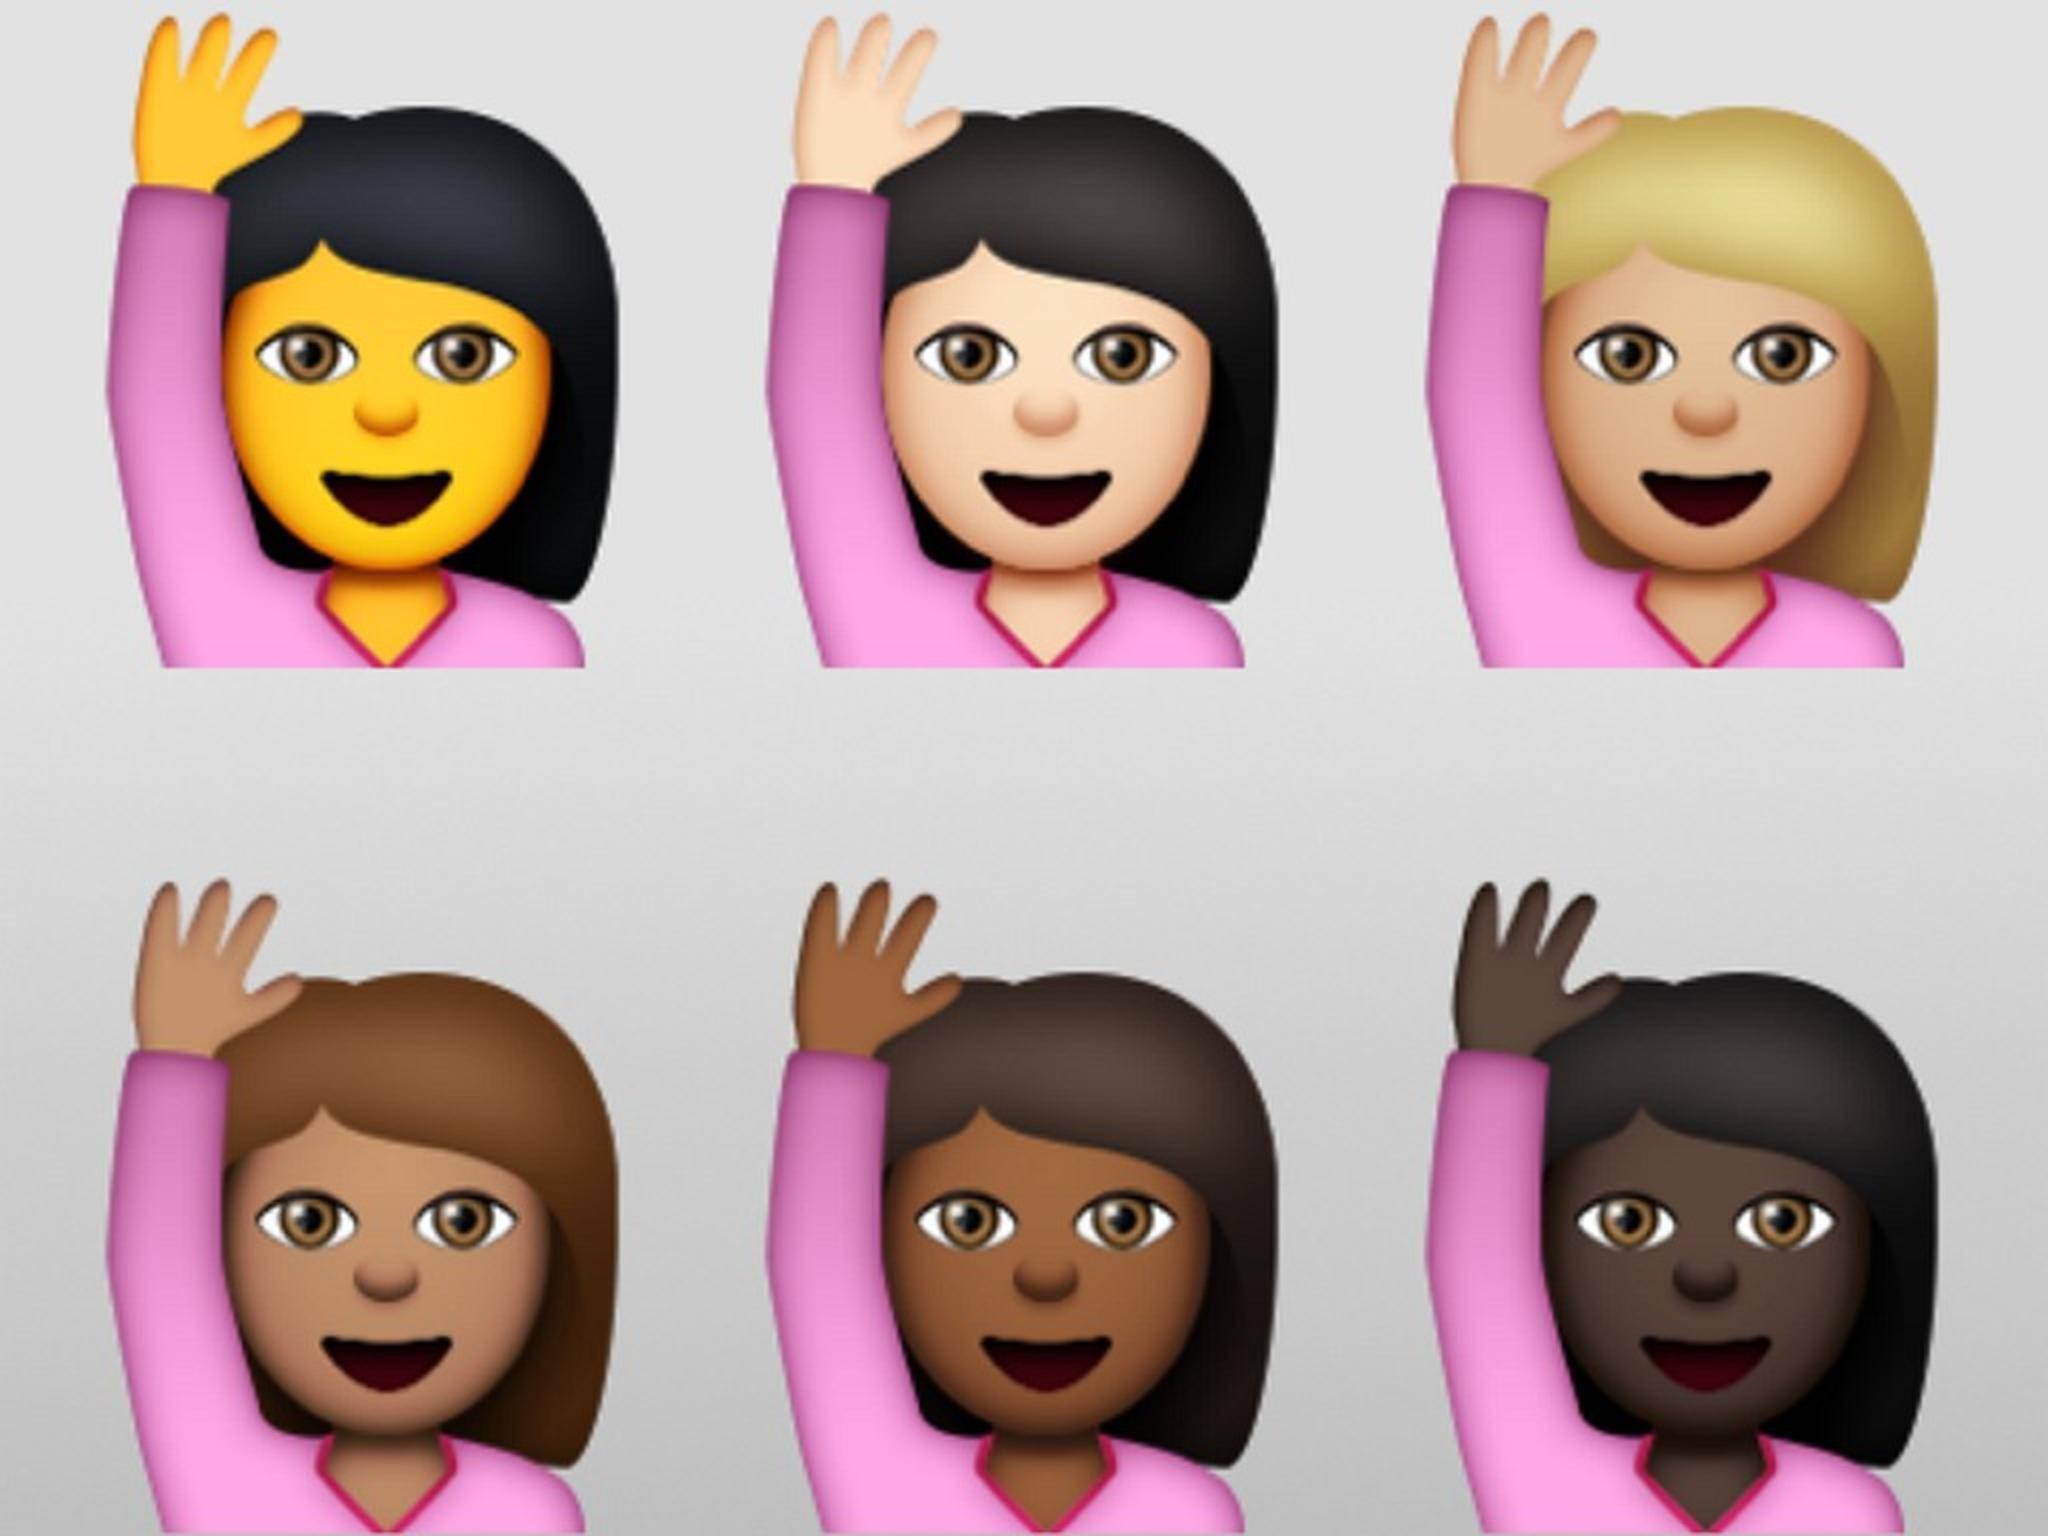 Die neuen Apple-Betas setzen ein Zeichen für mehr Vielfalt.